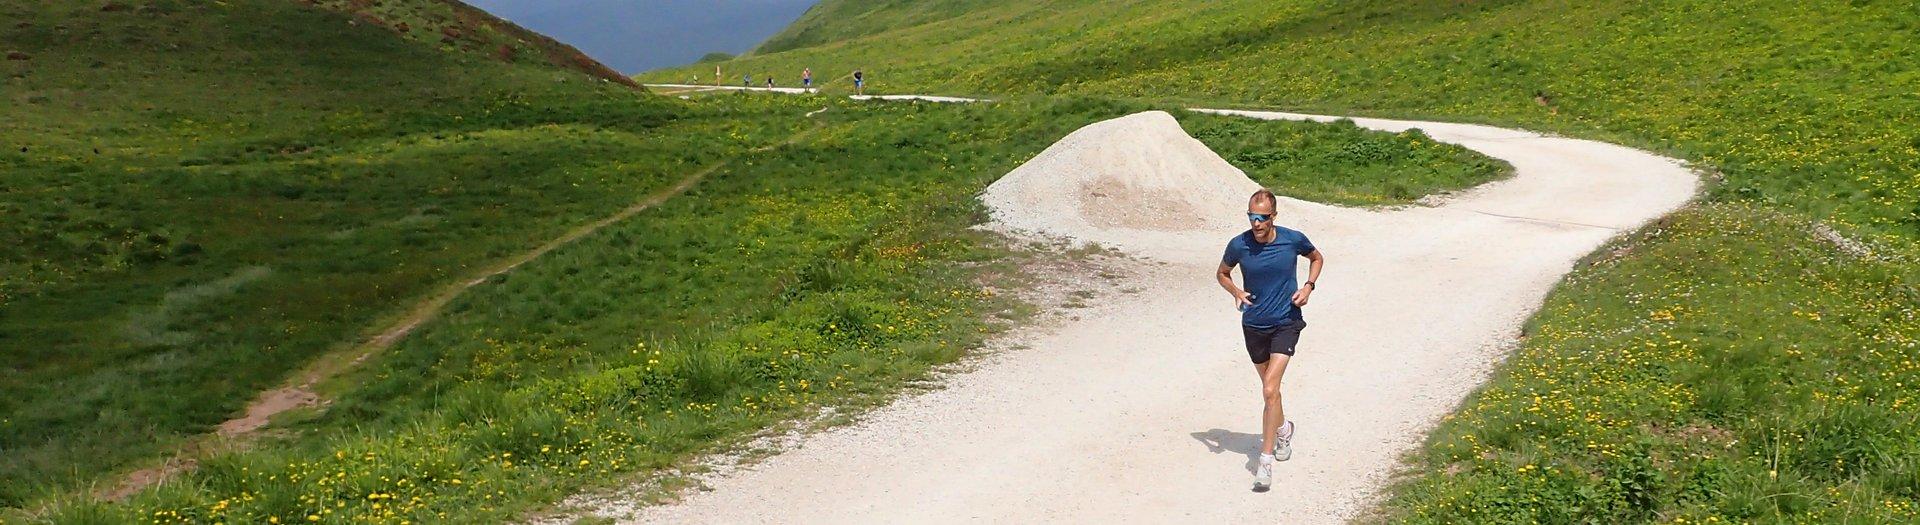 Stein Kamfjord Andersen på Kondistur fra Passo Rolle til Passo di Valles i Dolomittene i Italia